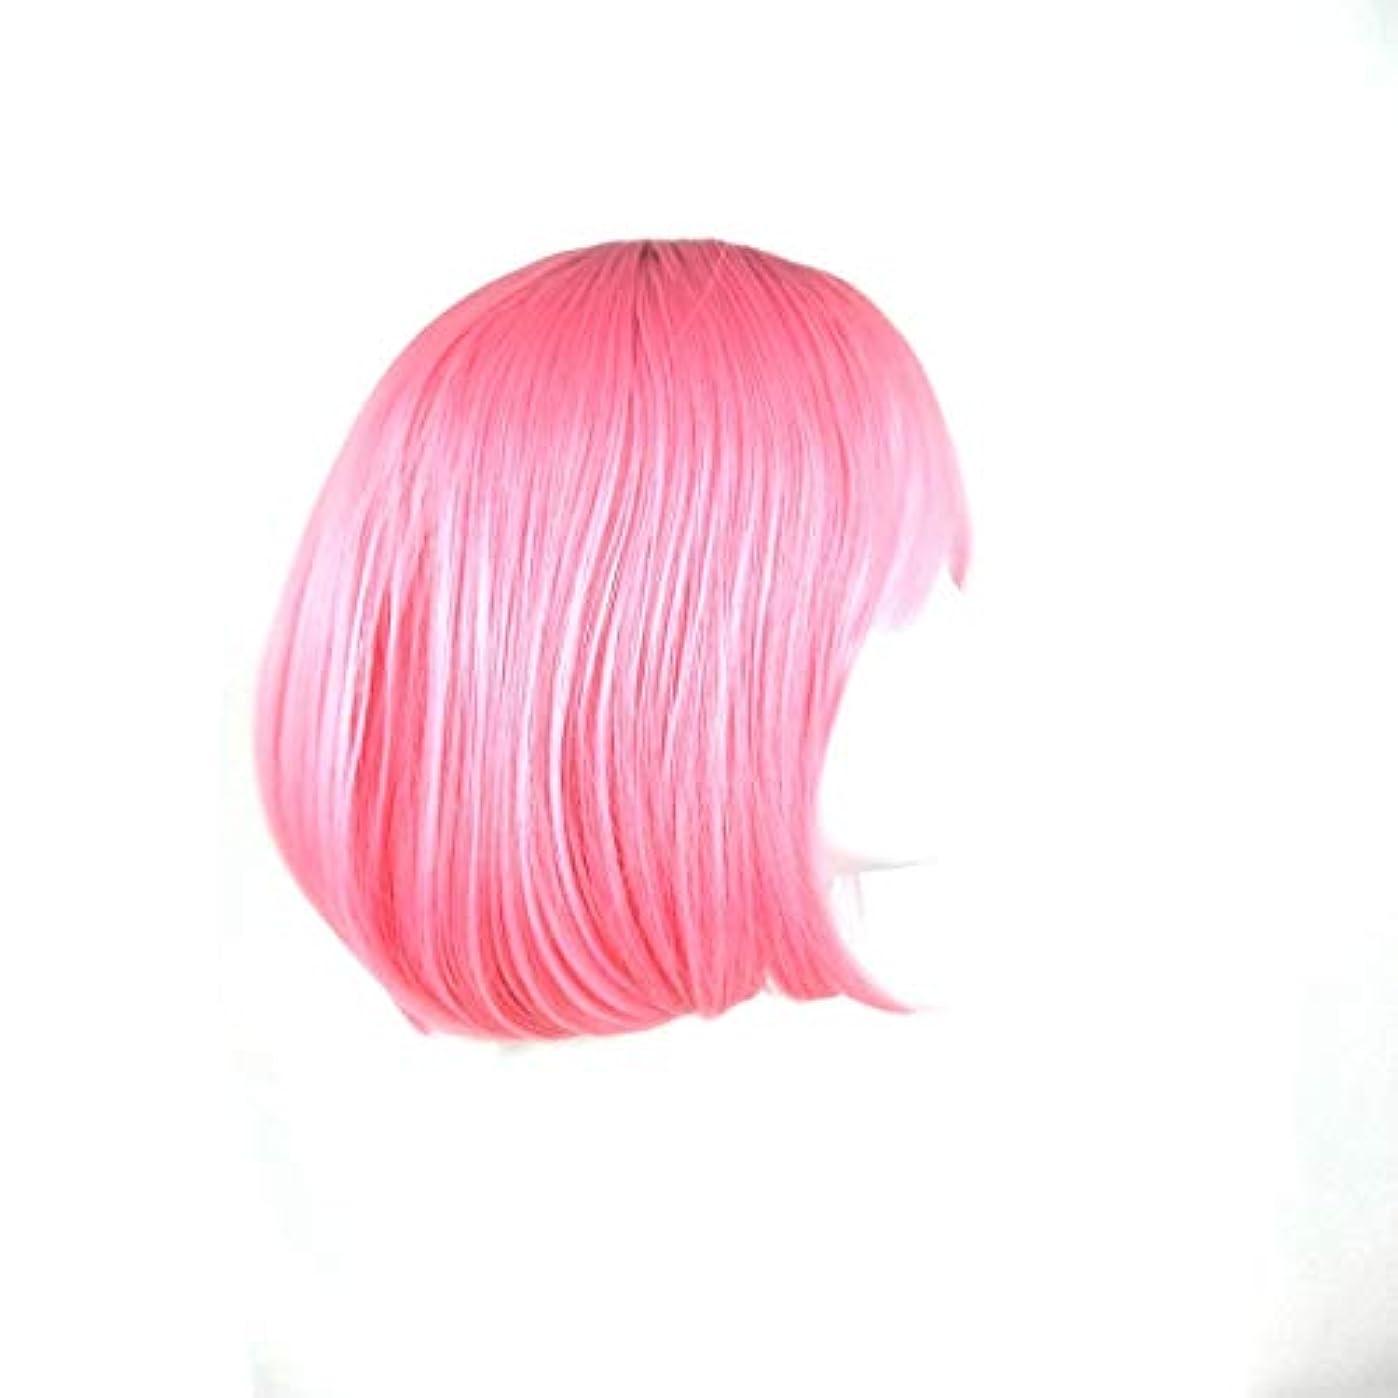 イディオムドロップ耐えるKerwinner ピンクのかつらショートストレートヘアーボブウィッグ人工毛ナチュラルな耐熱性女性用